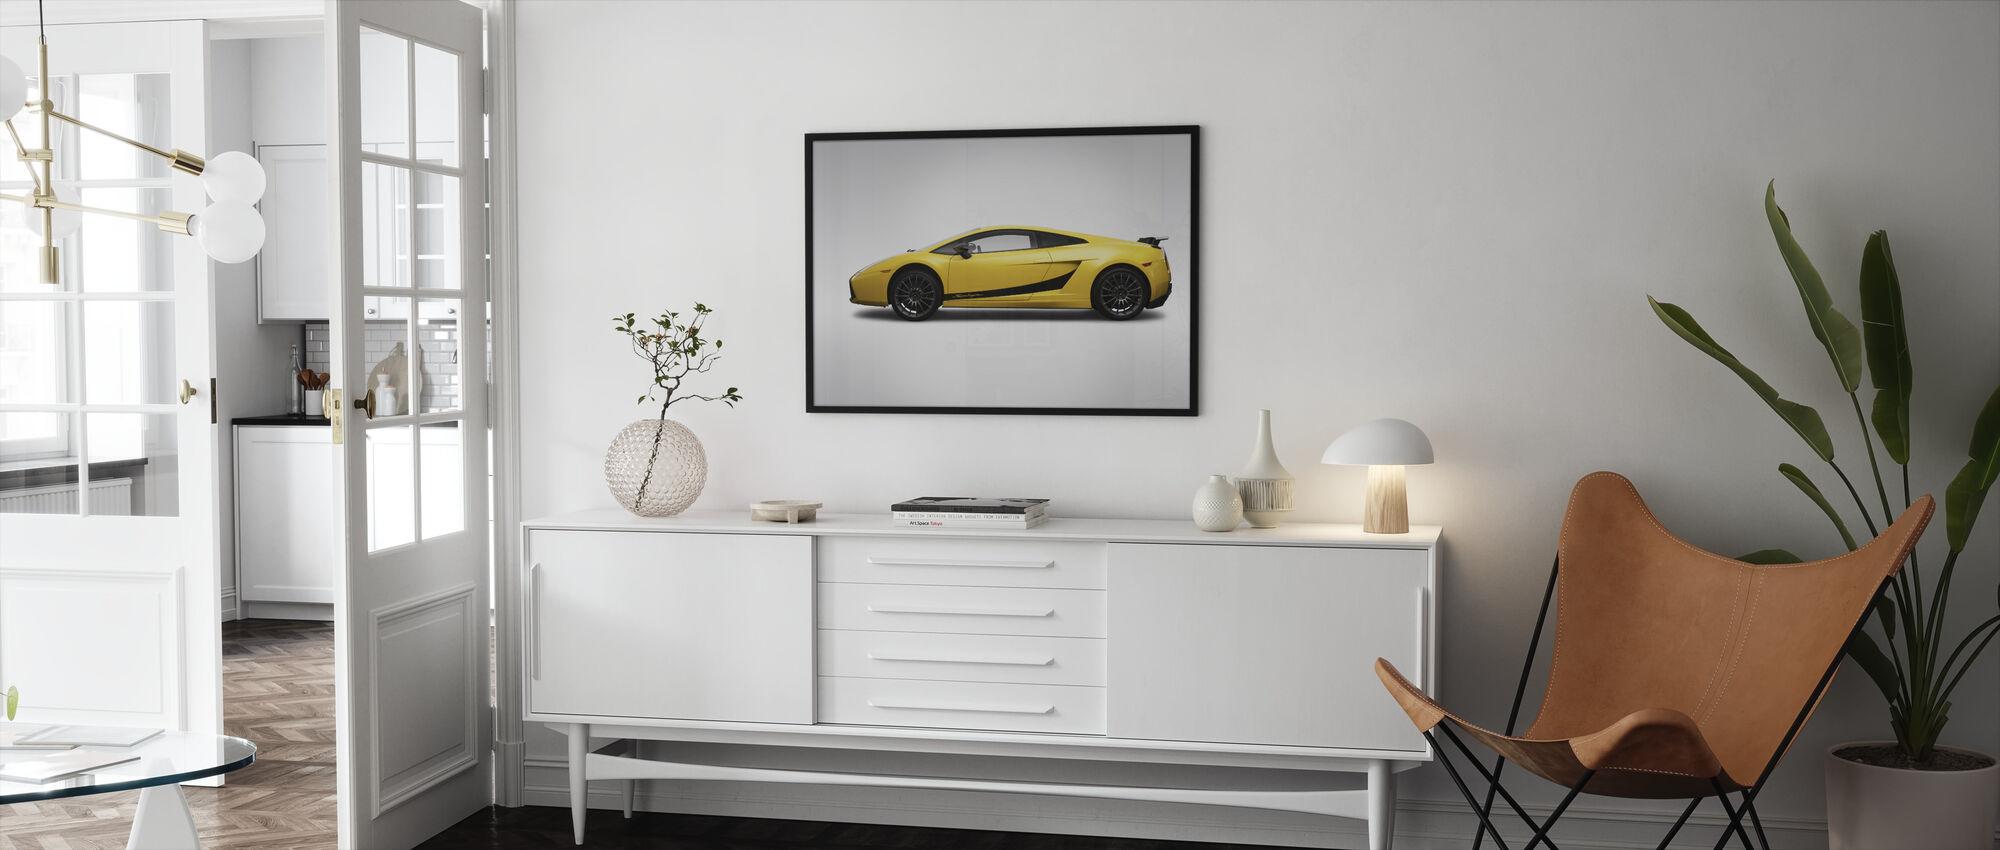 Superleggera - Framed print - Living Room